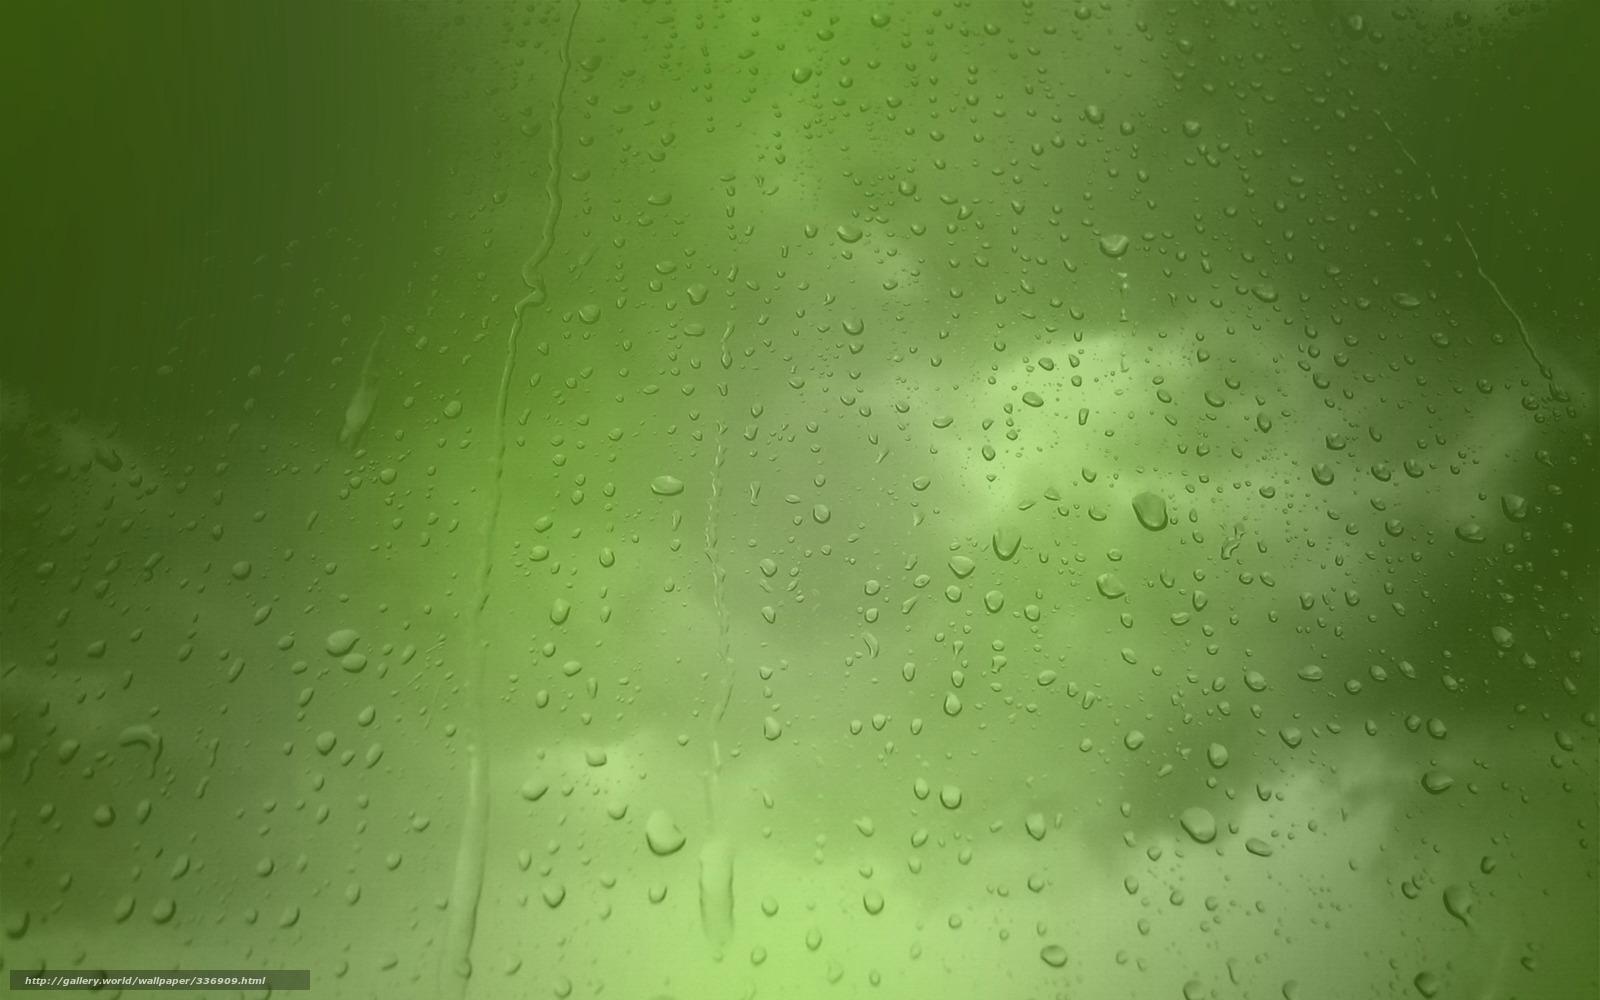 Tlcharger fond d 39 ecran fond vert perle pluie fonds d 39 ecran gratuits pour votre rsolution du - Wallpaper amandelgroene ...